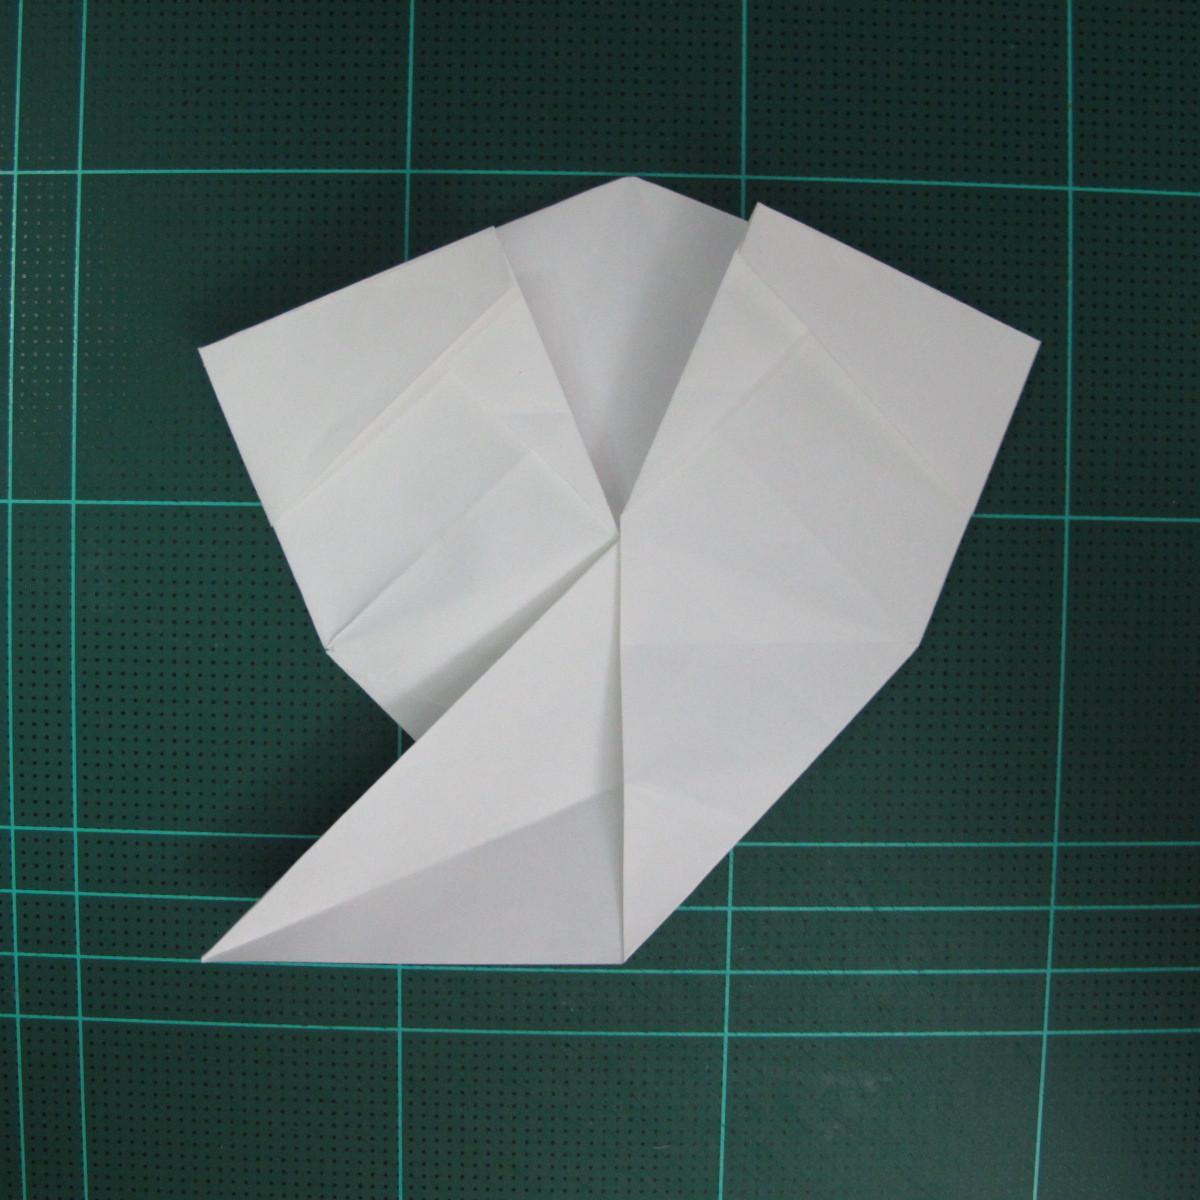 วิธีพับกระดาษเป็นรูปปลาแซลม่อน (Origami Salmon) 029